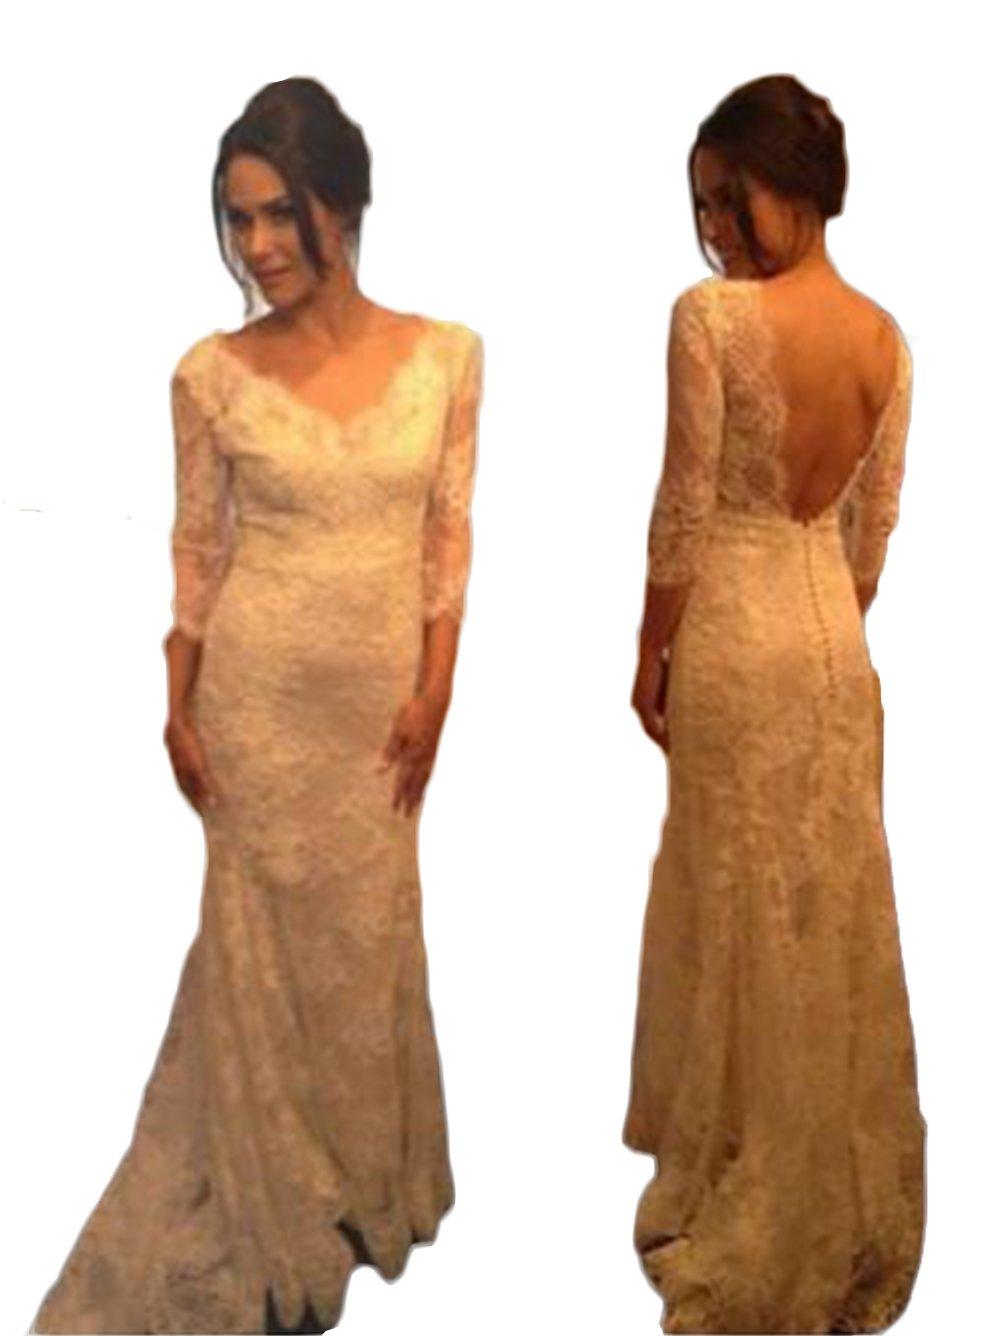 Mathena Women's 3/4 Sleeve V-Neck Sweep Train Lace Sheath Bride Wedding Dress US 10 Ivory